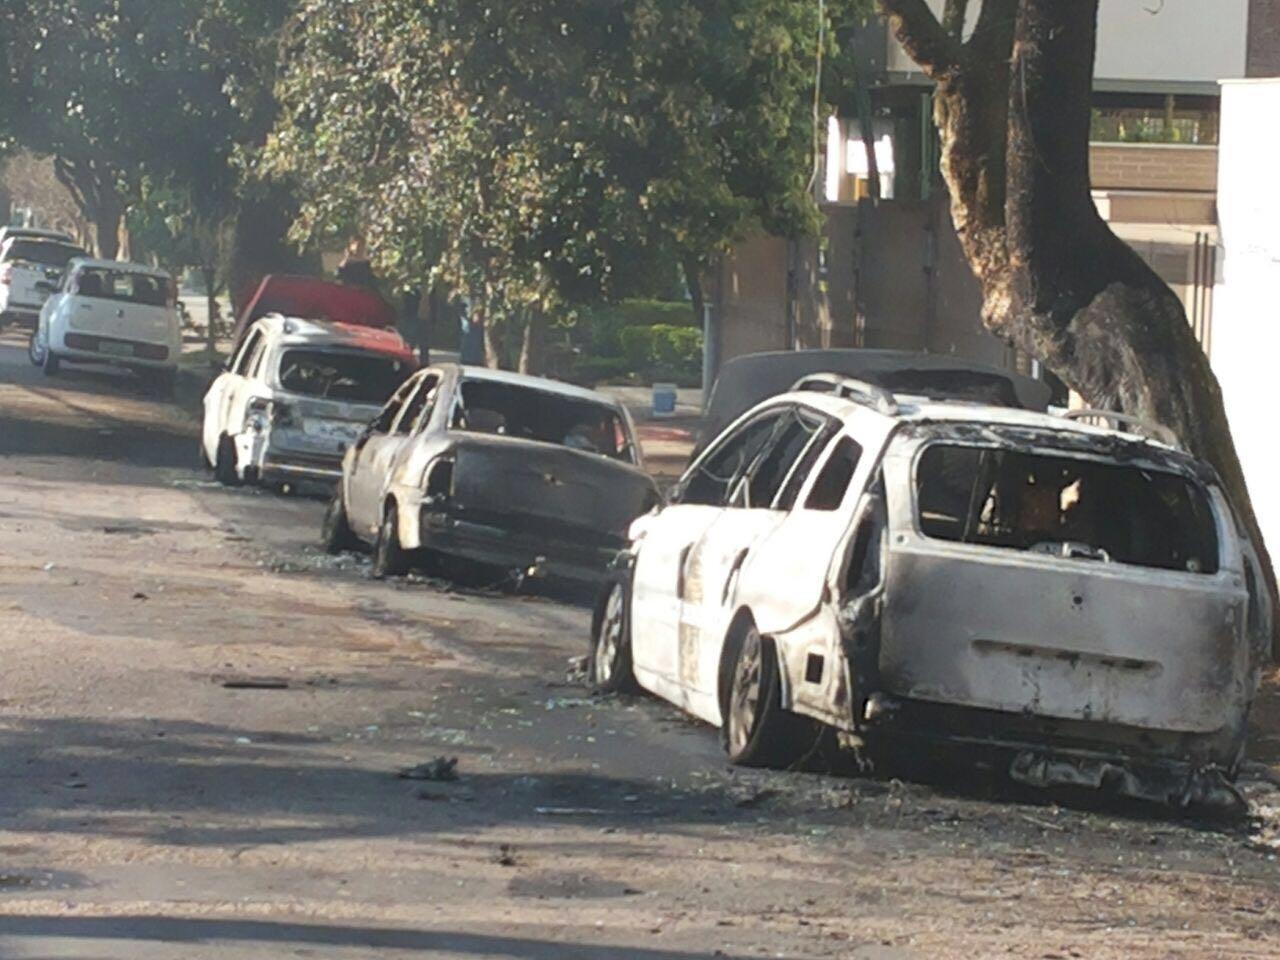 jardim ipe porto alegre: três carros pegam fogo no bairro Petrópolis, em Porto Alegre